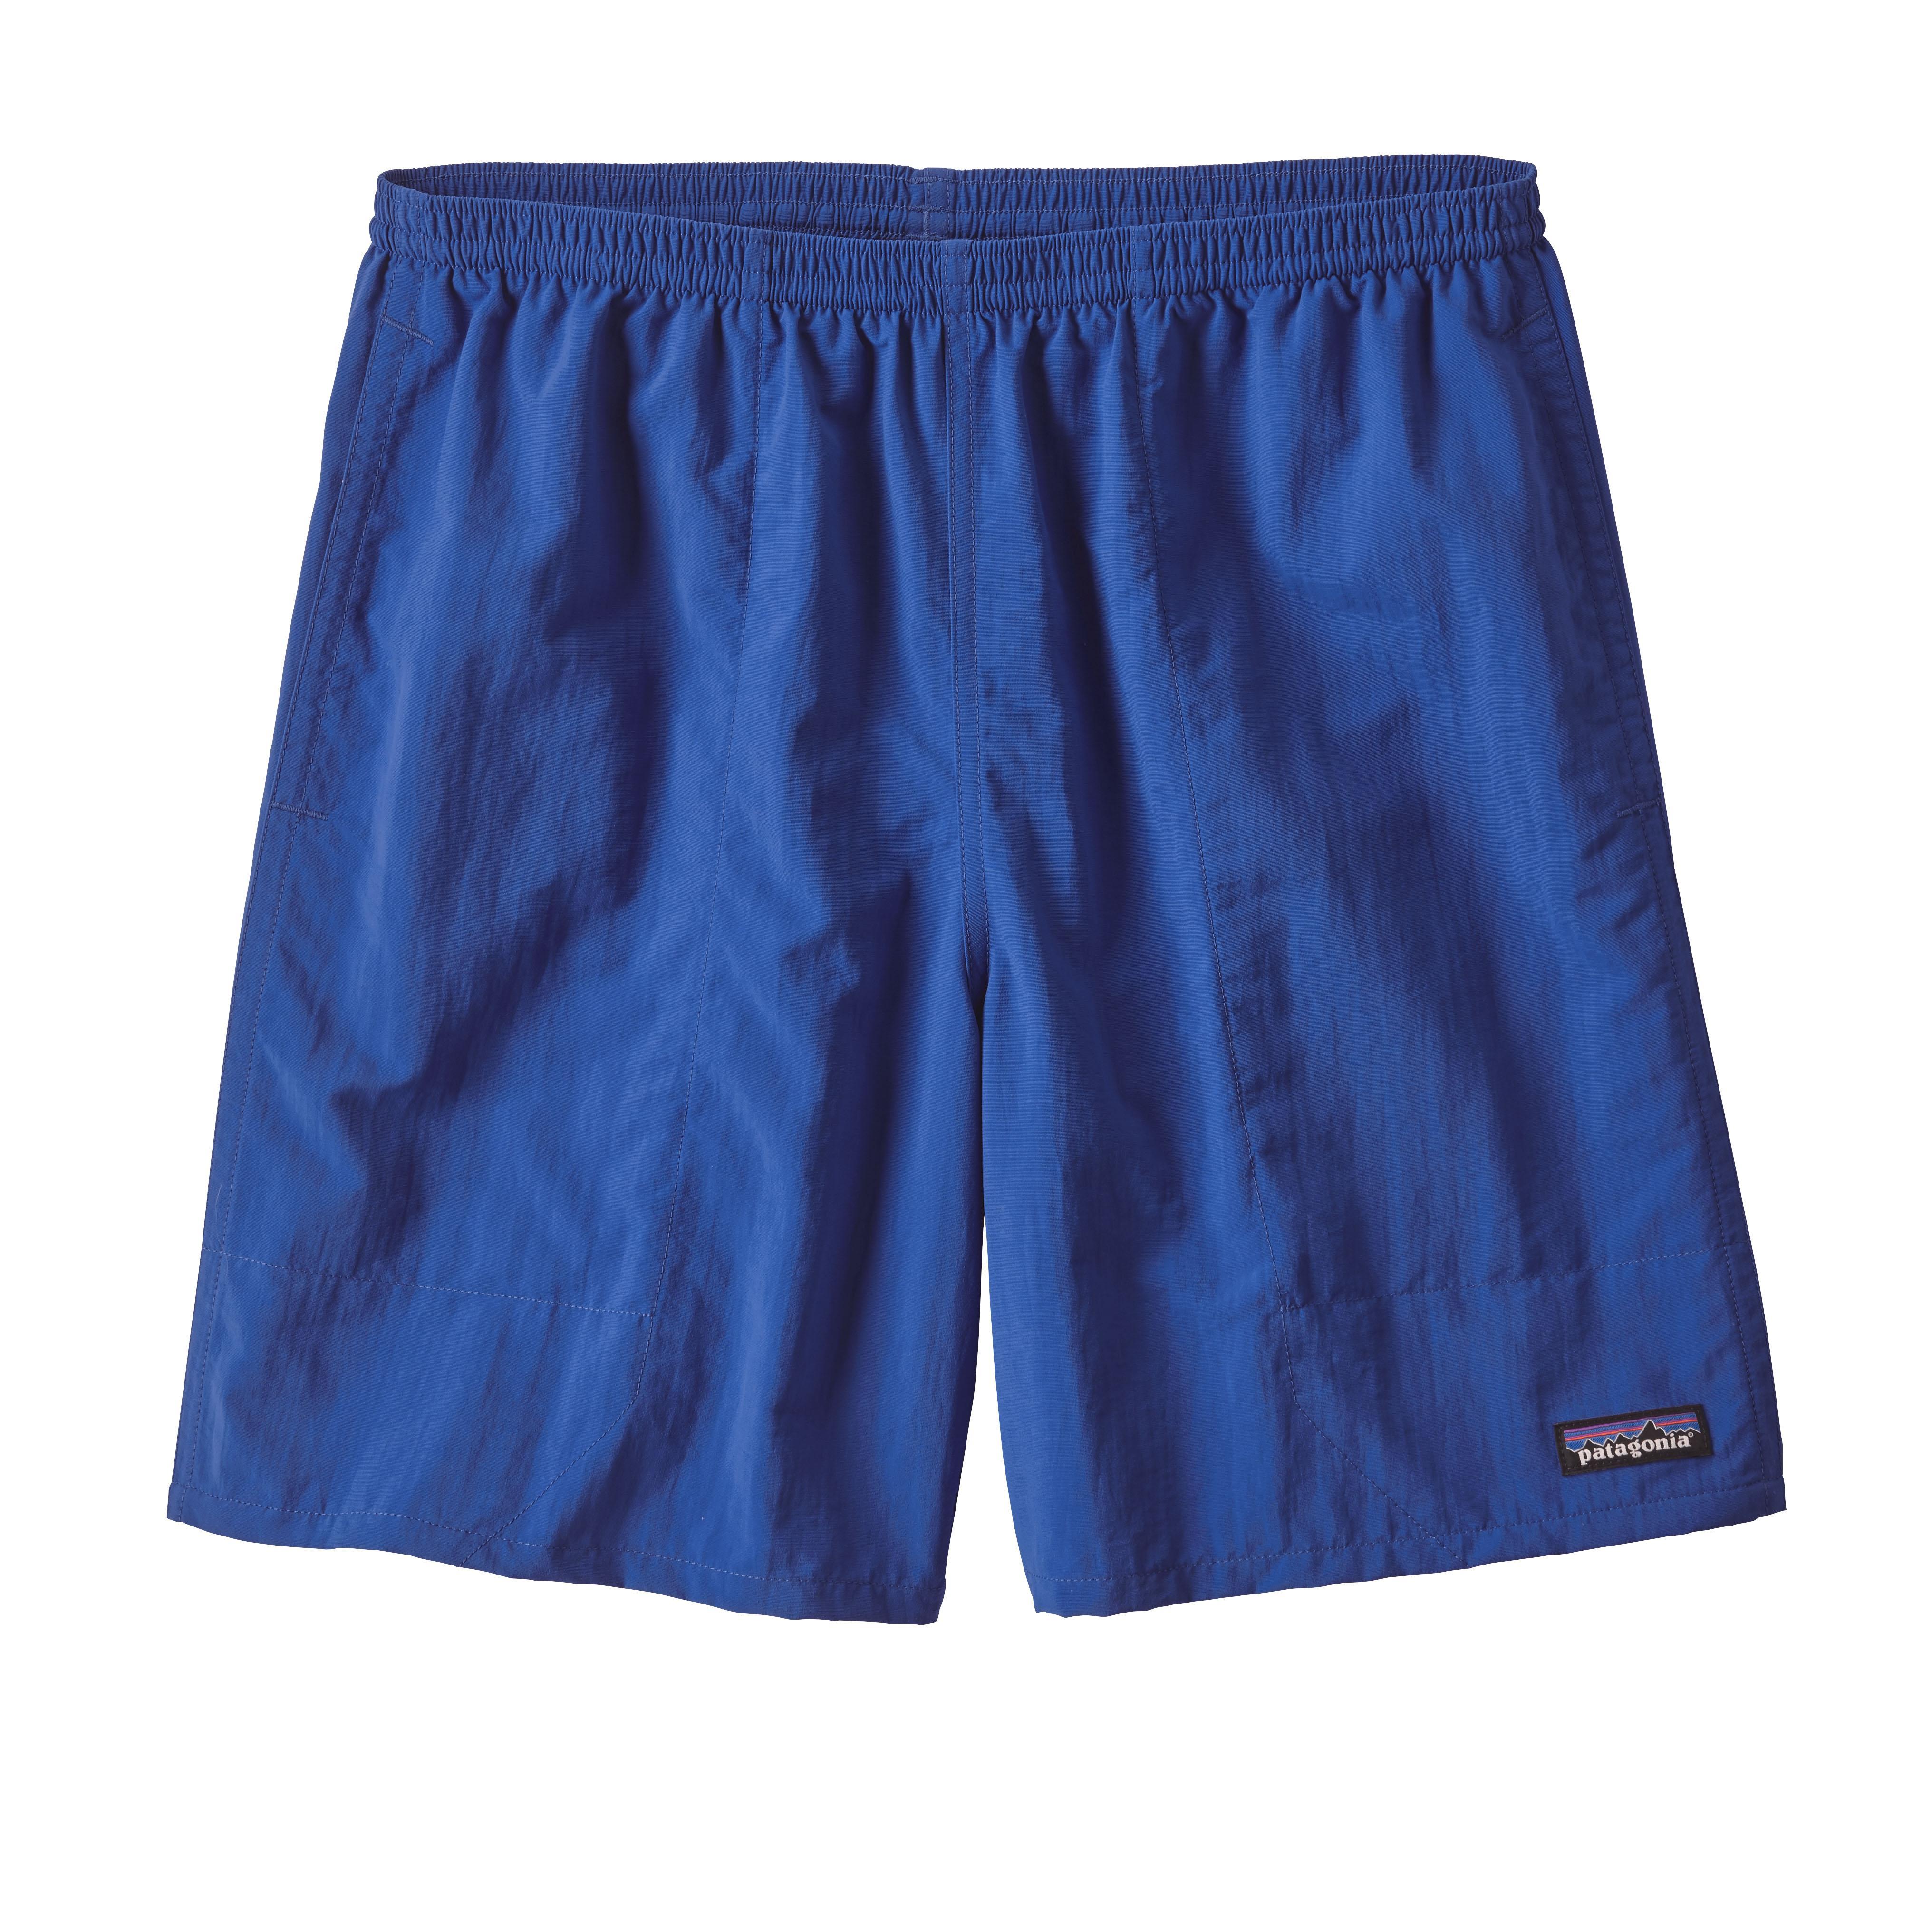 Patagonia Men's Baggies Shorts 7in Inseam VIK_BLUE